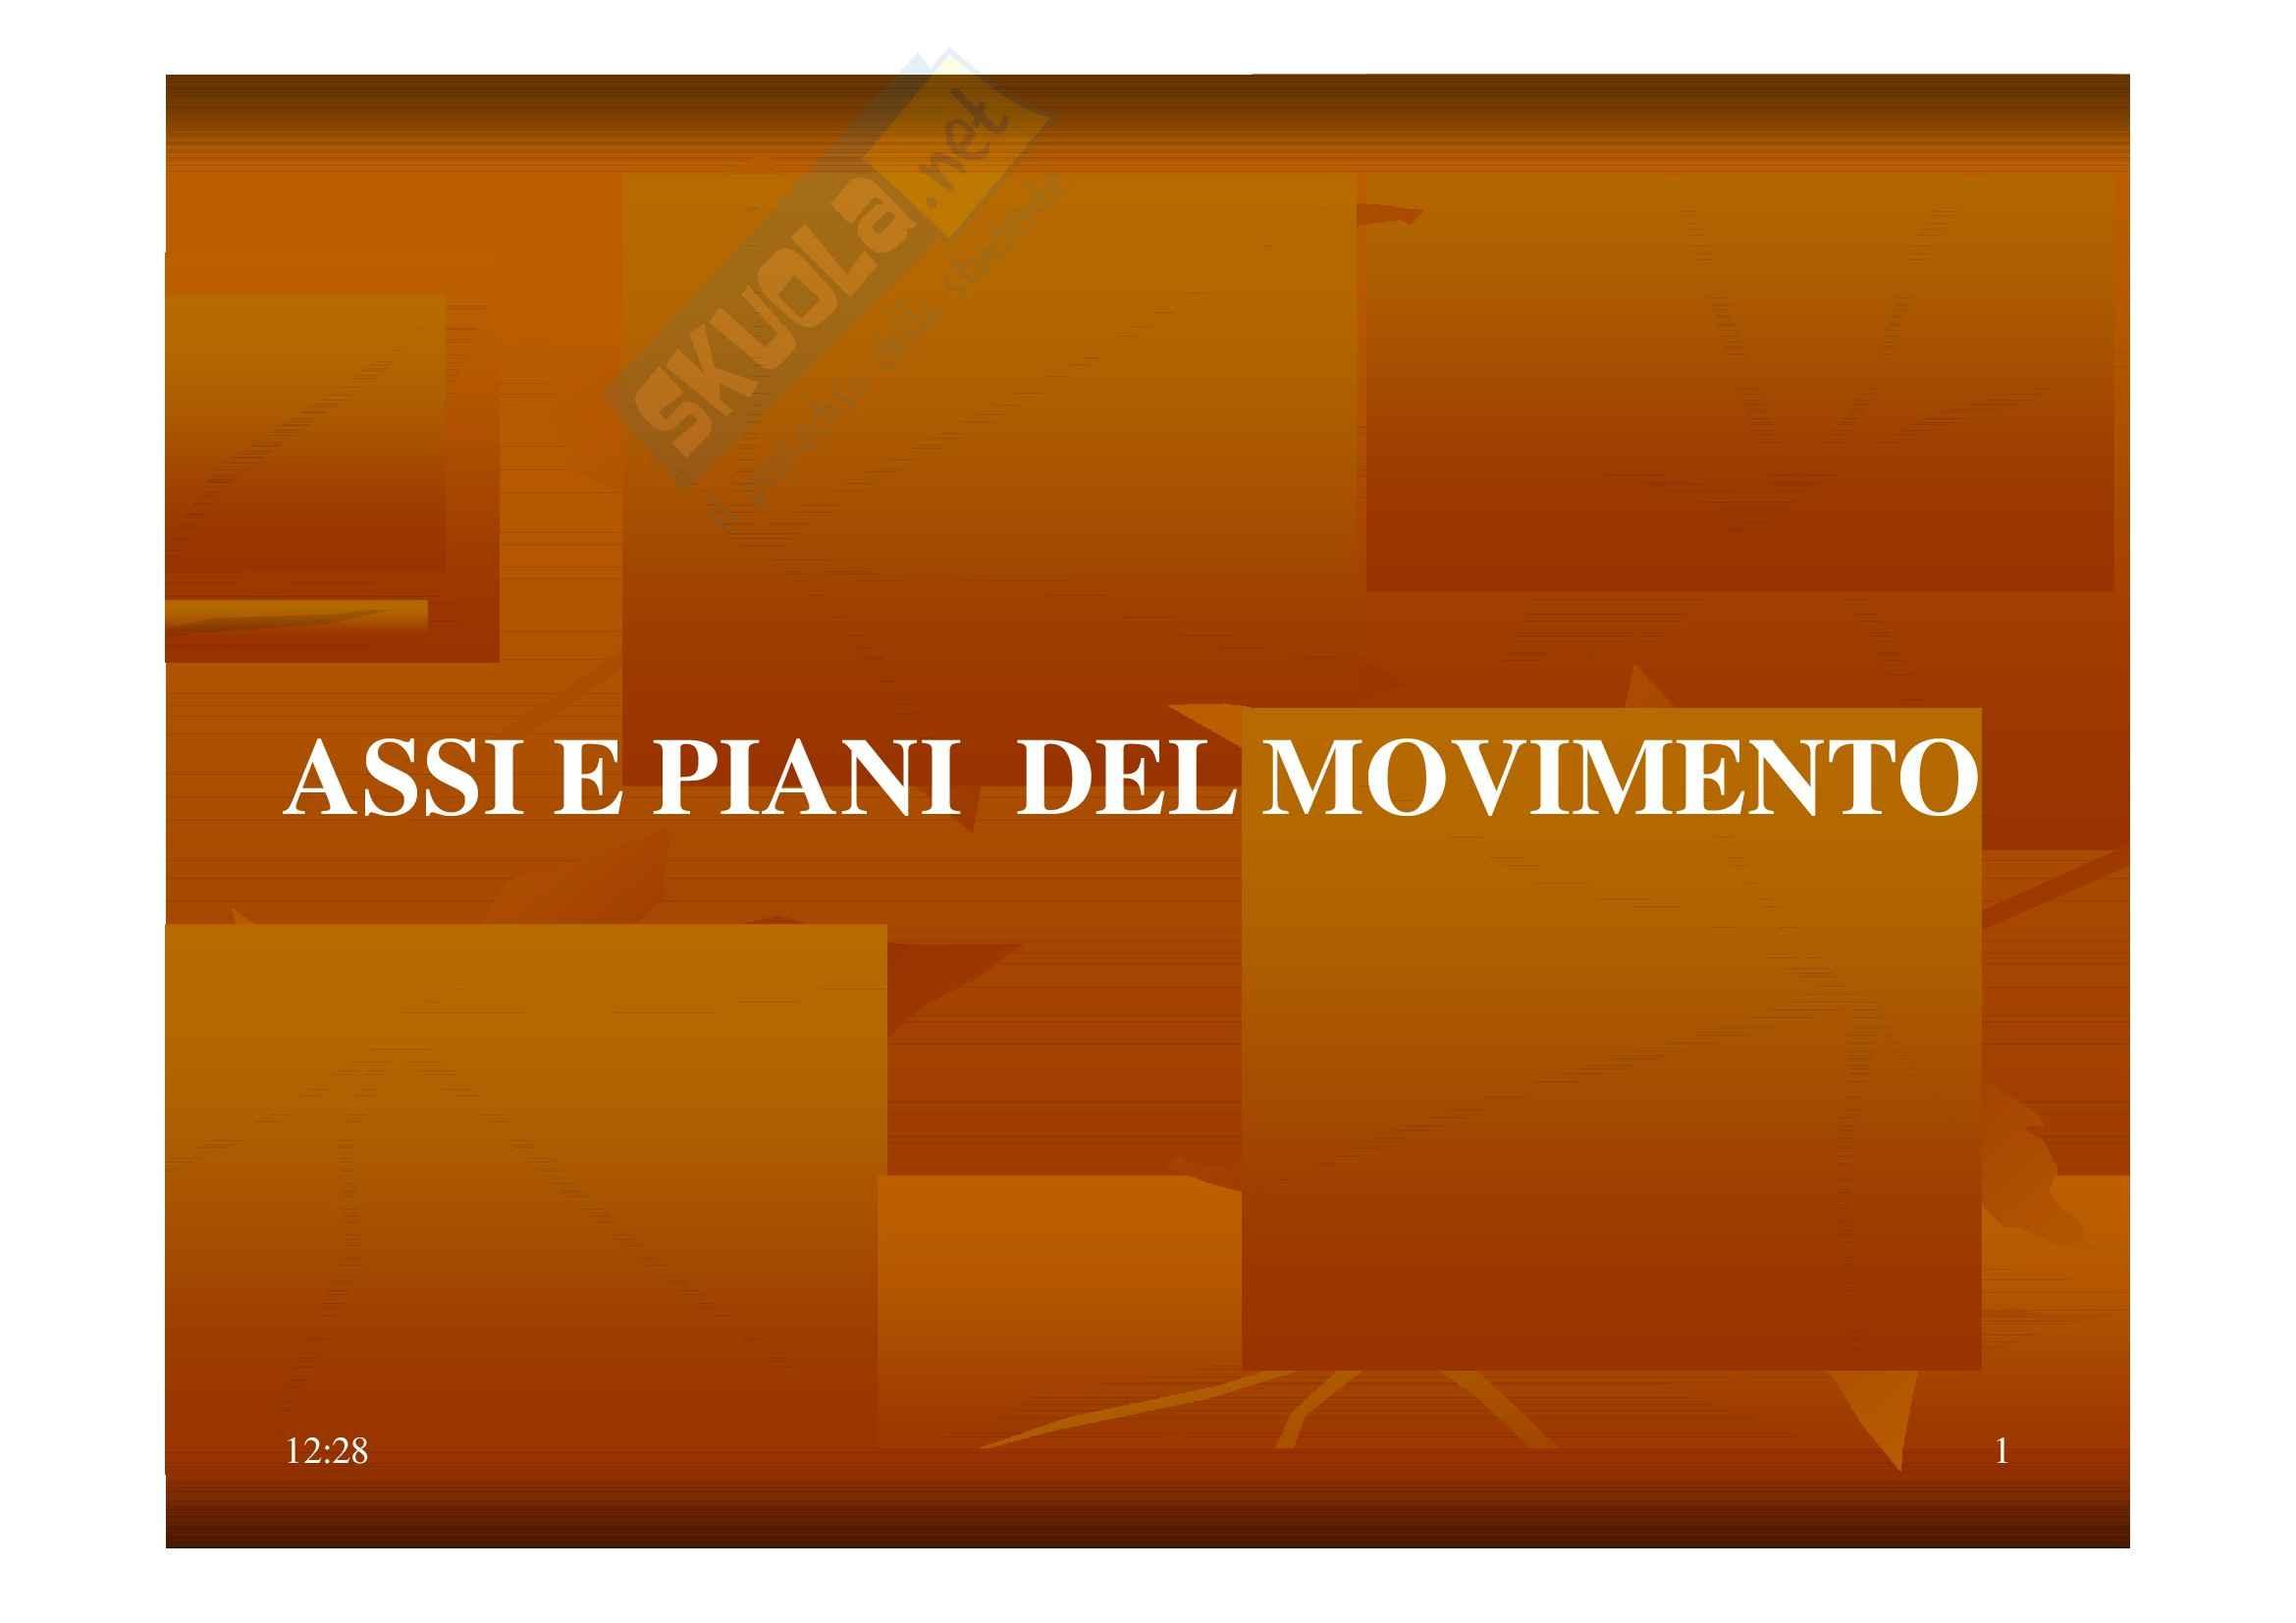 Teoria metodologia e didattica del movimento umano - Assi e piani del movimento